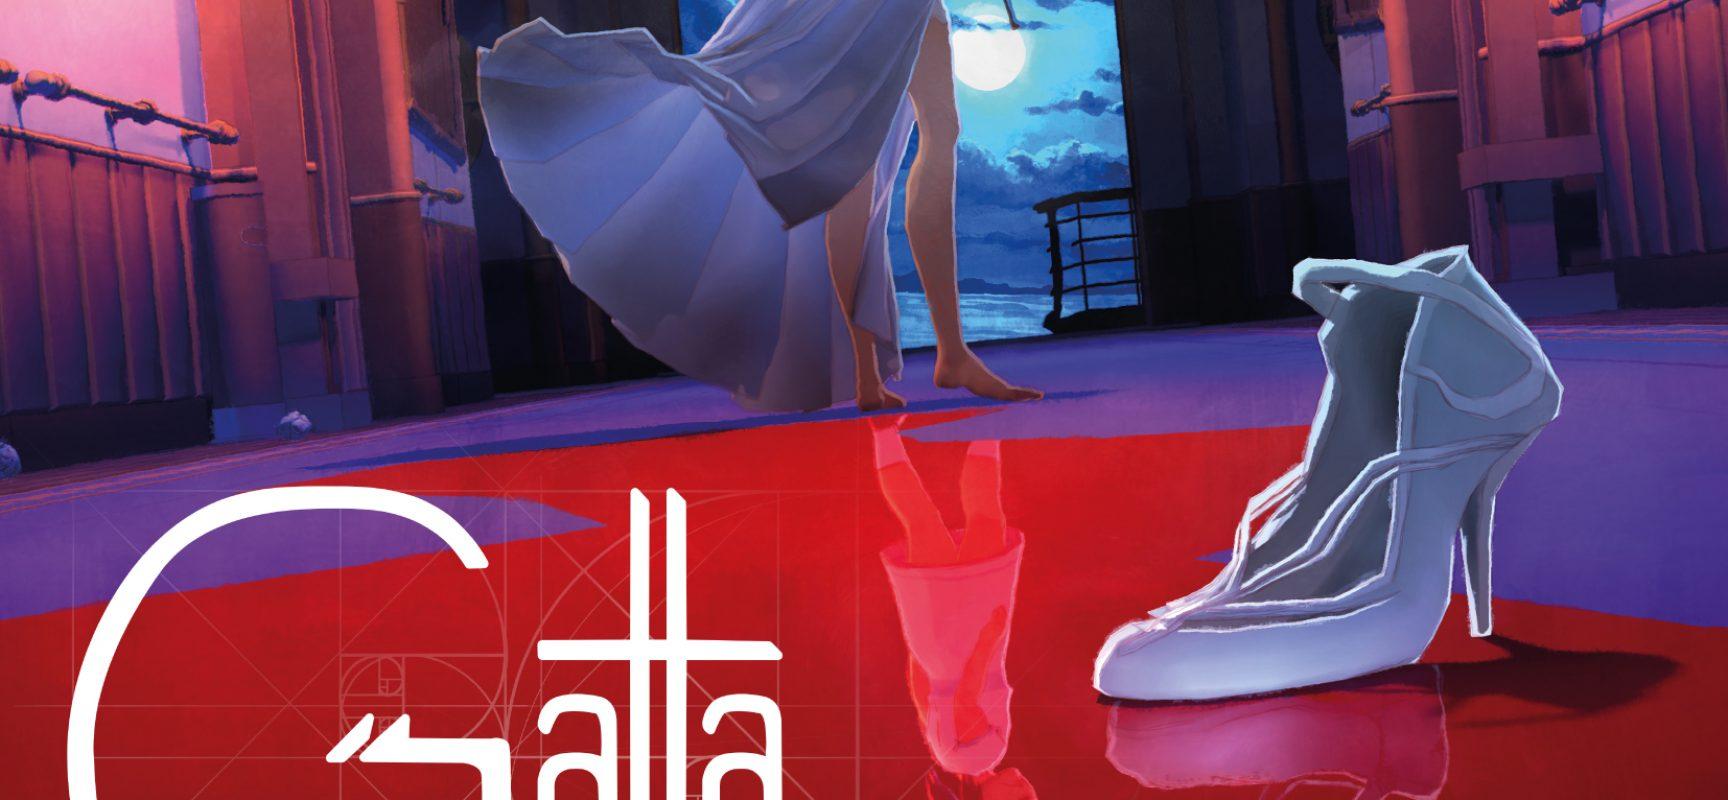 La Gatta Cenerentola dal 14 il film nelle sale